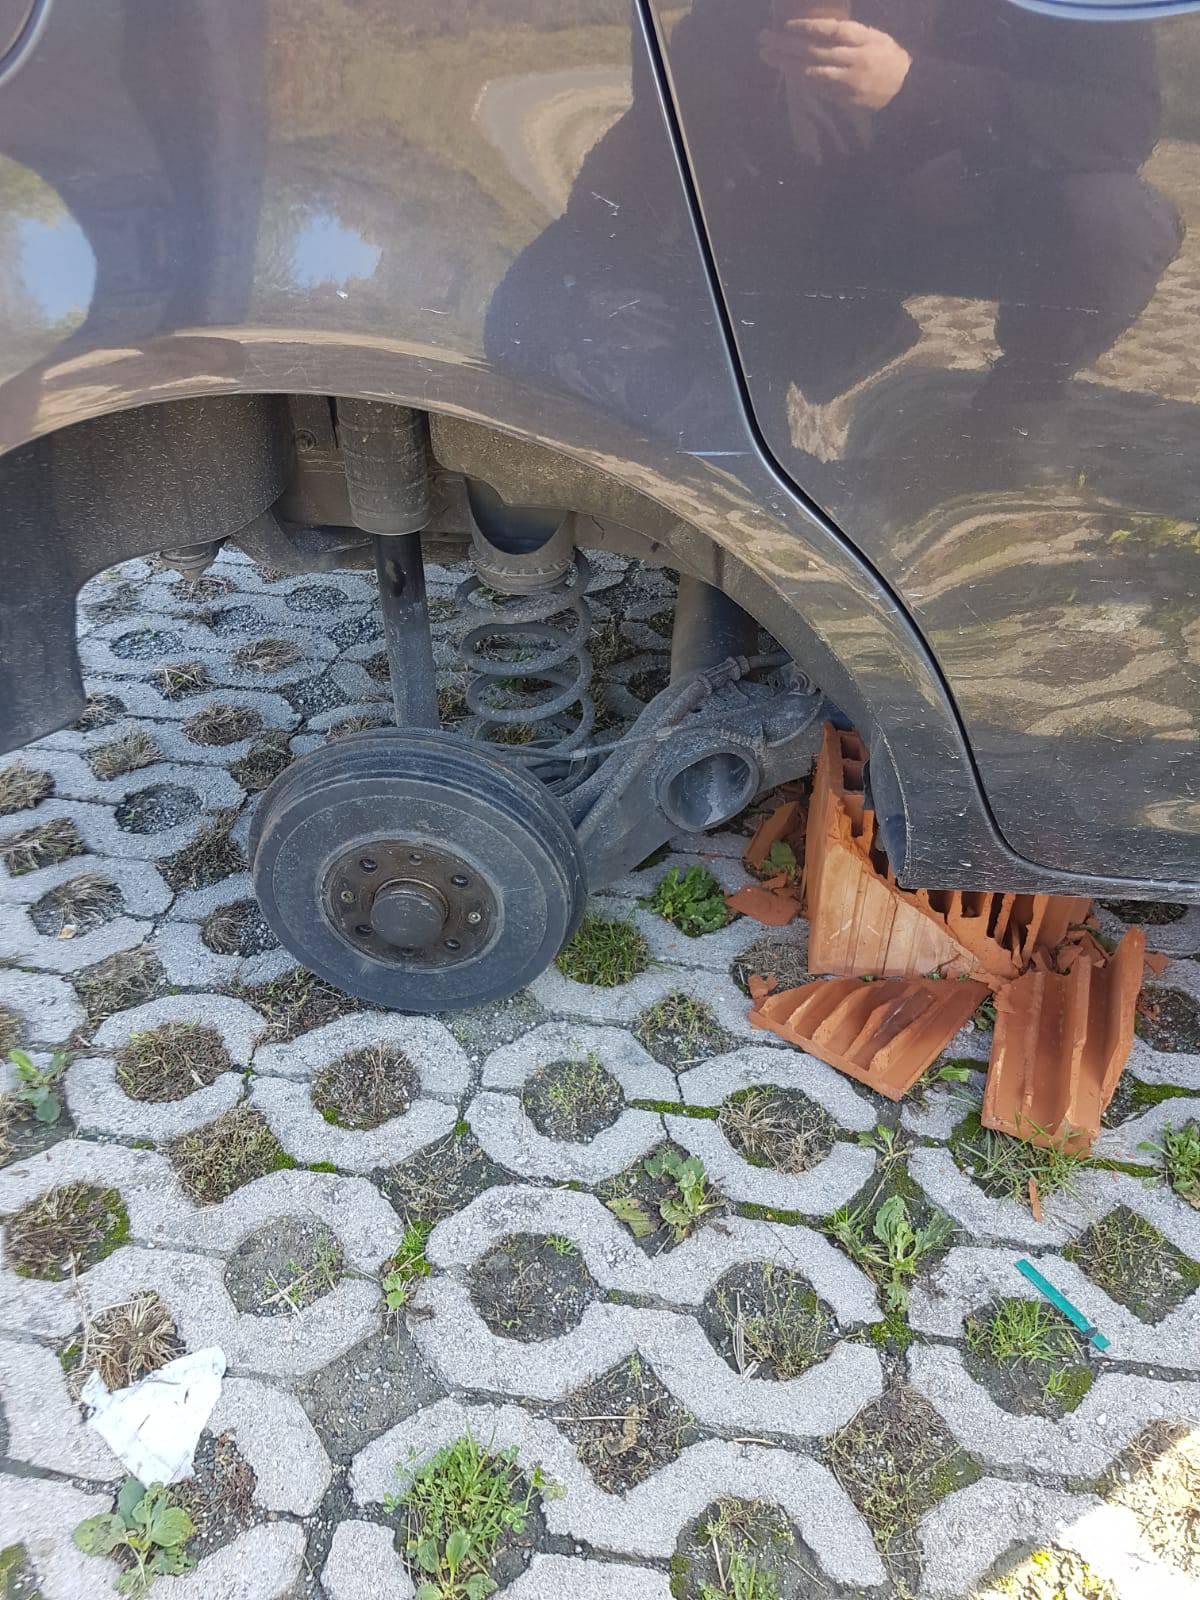 Dok je liječnica radila noćnu, s auta su joj skinuli sve kotače